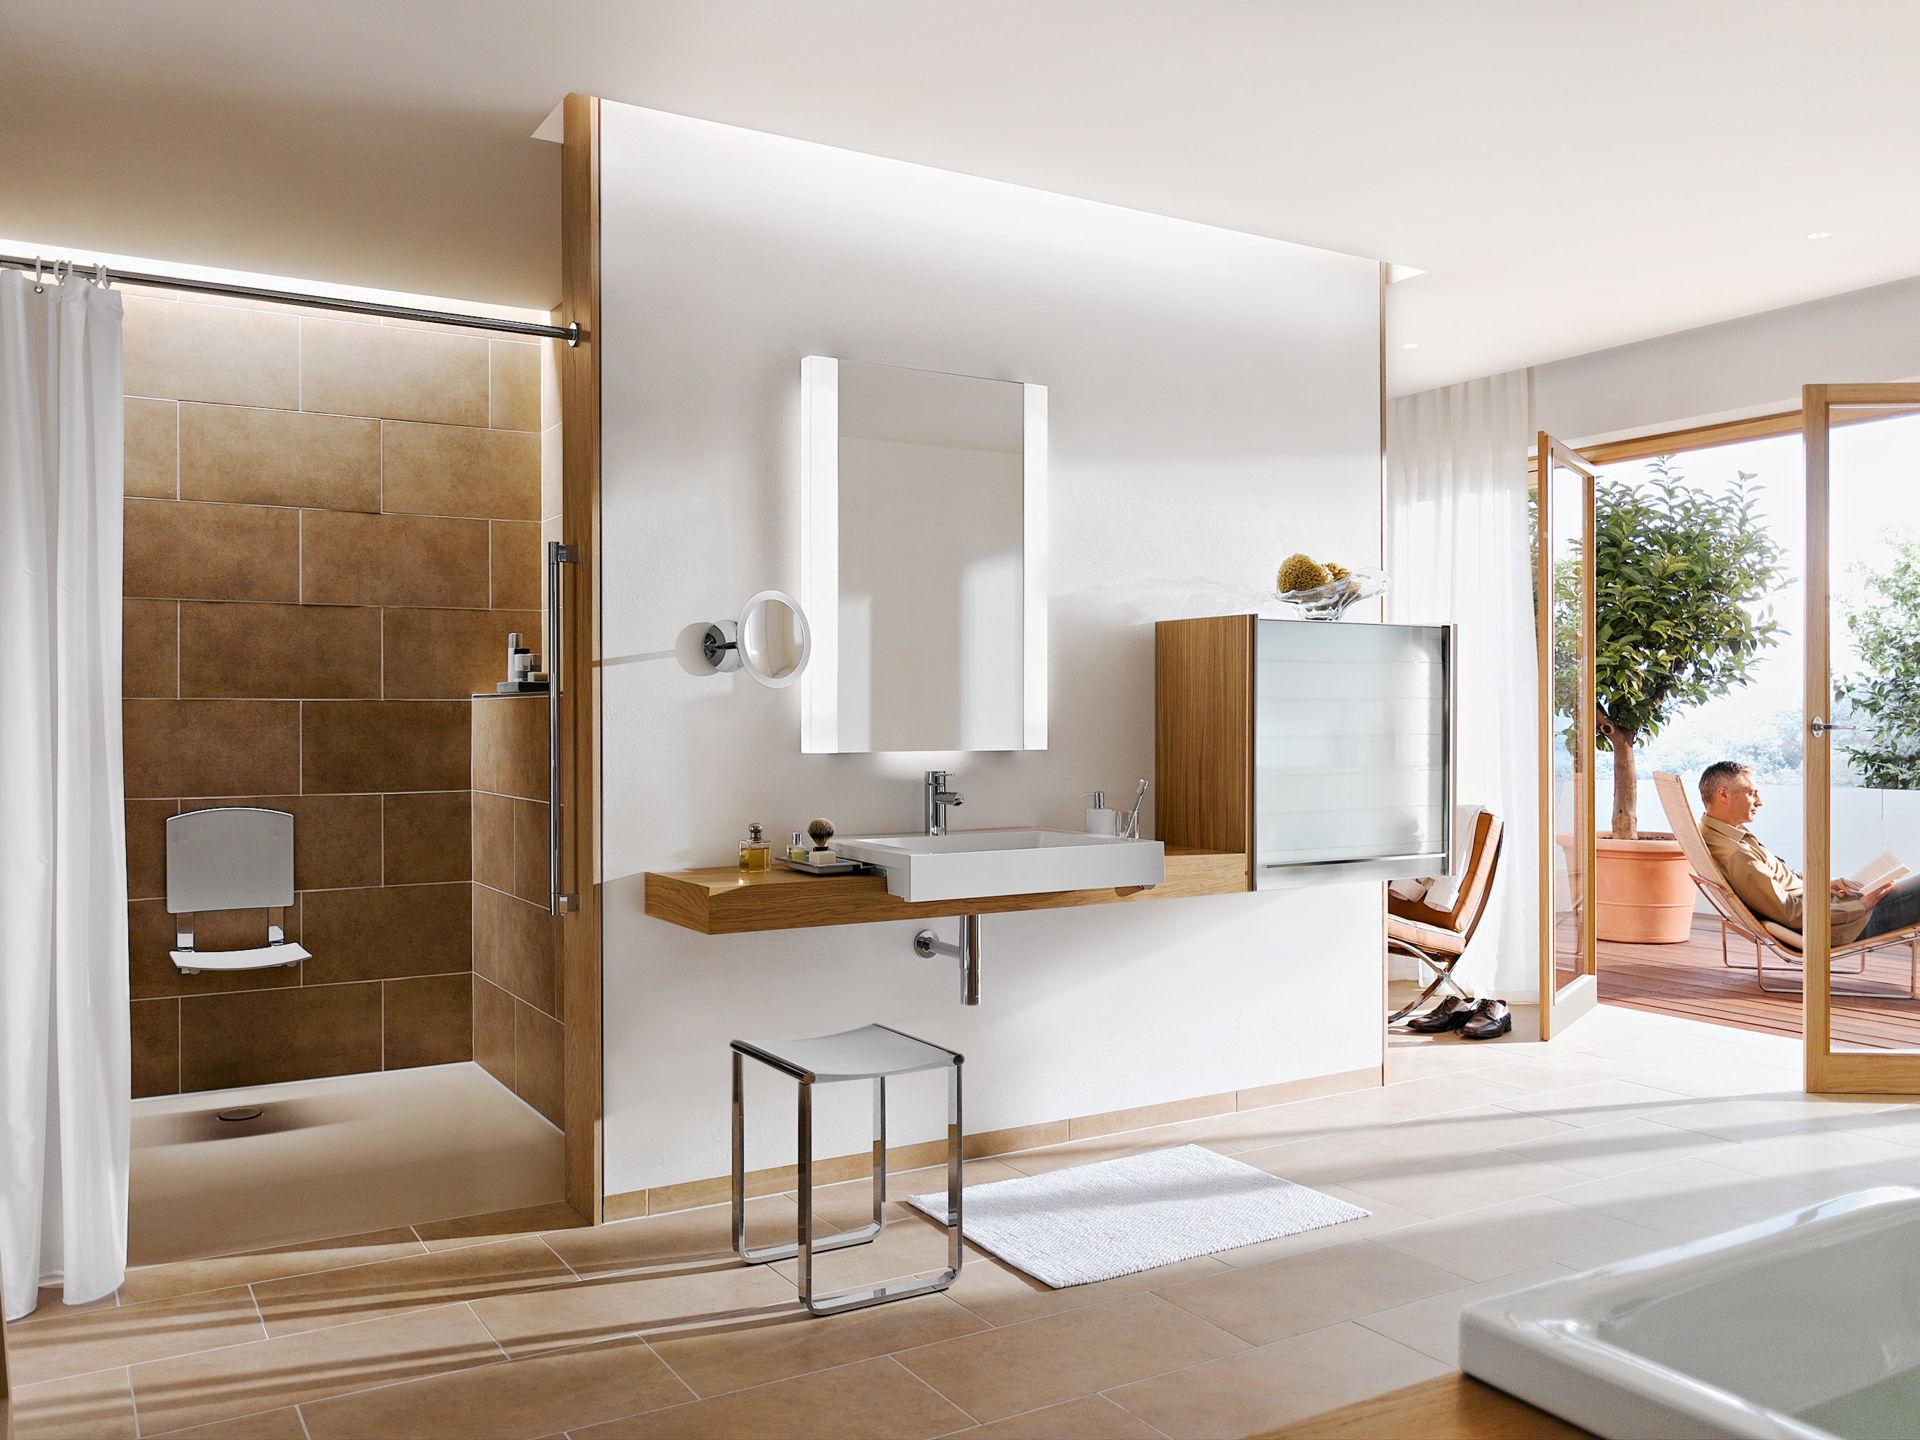 Trends f r das bad zuhause wohnen for Einrichtungstipps bad